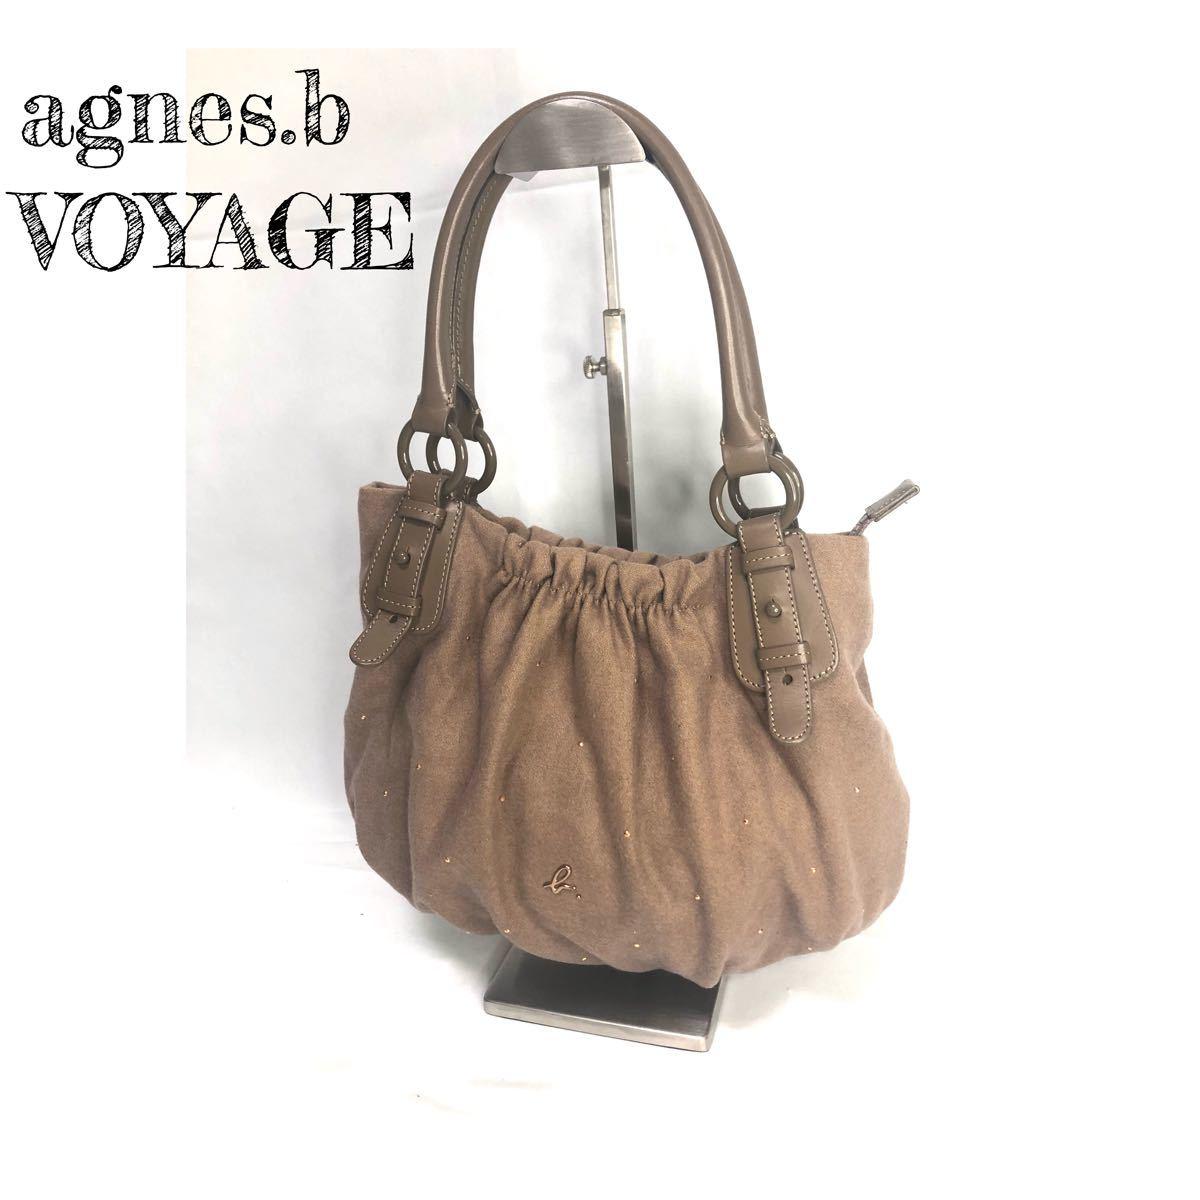 【美品】agnes b. VOYAGE アニエスベー ボヤージュ ウール ハンドバッグ ショルダーバッグ ラインストーン 毛